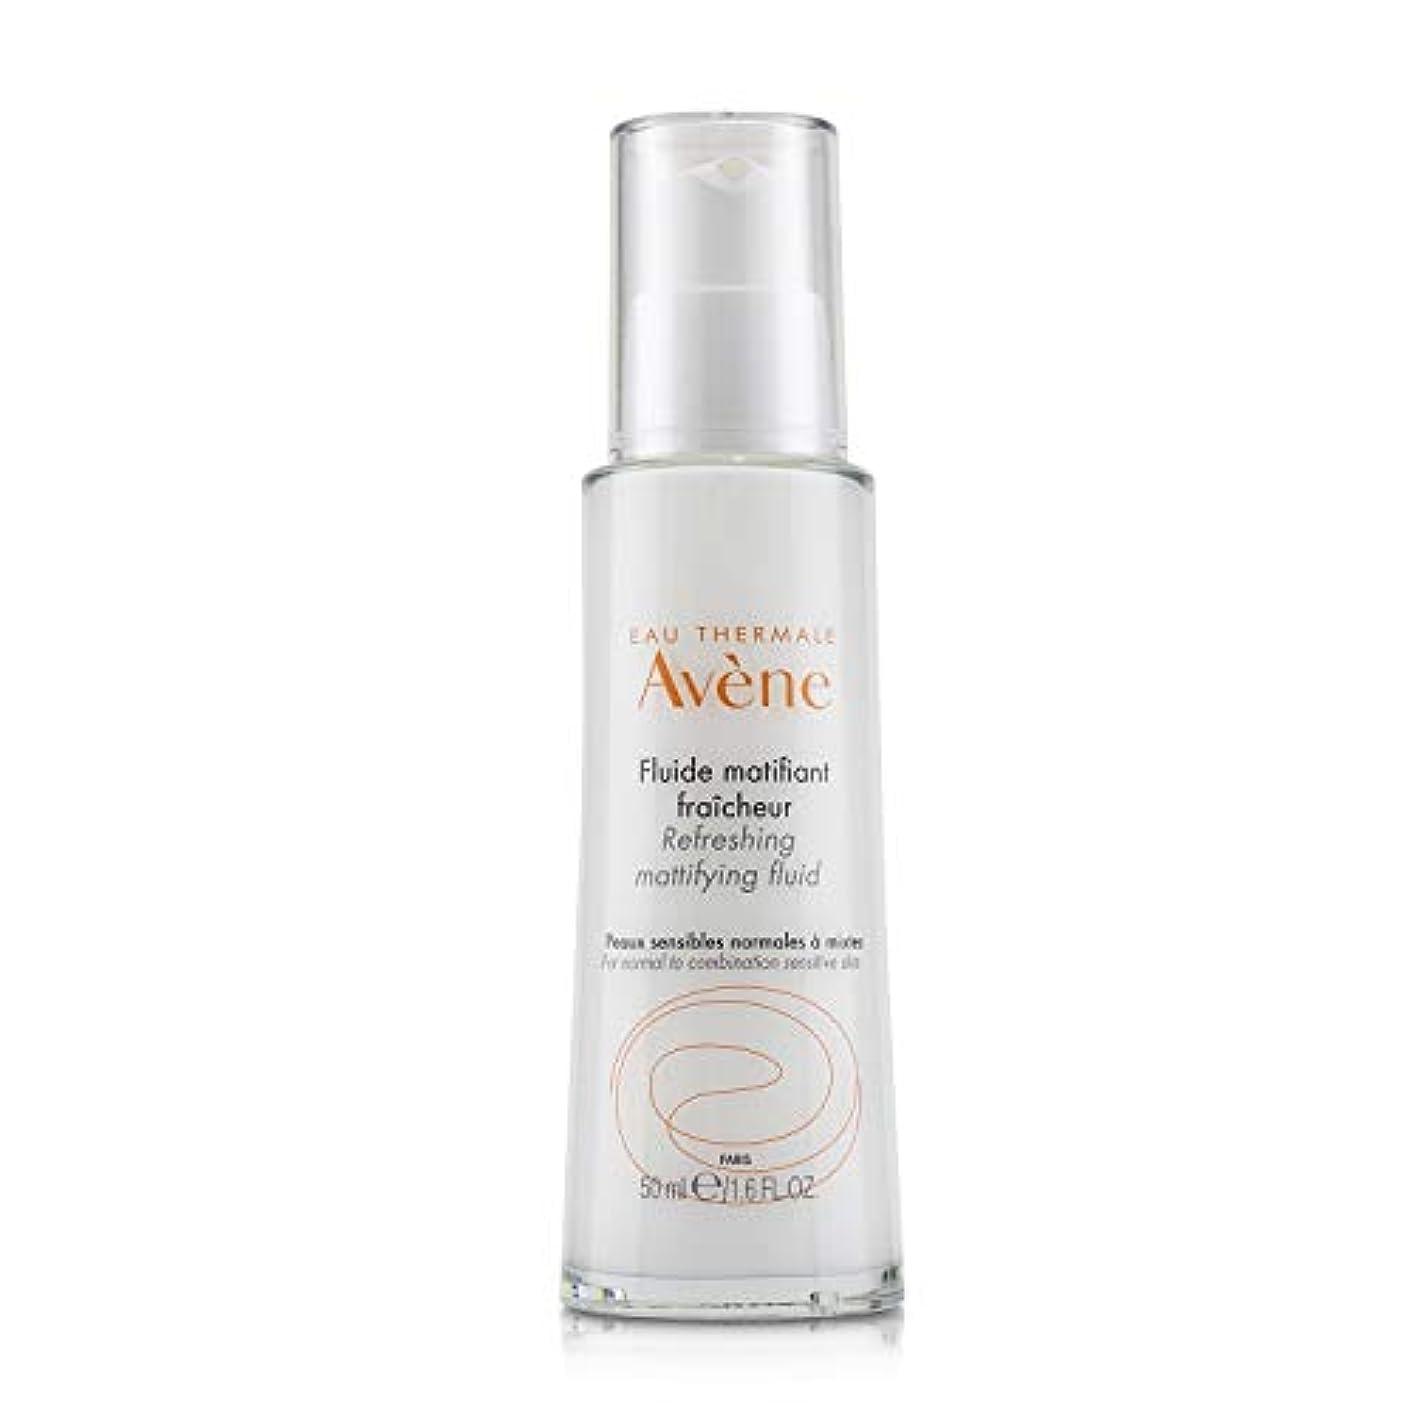 リス尋ねる寄稿者アベンヌ Refreshing Mattifying Fluid - For Normal to Combination Sensitive Skin 50ml/1.6oz並行輸入品